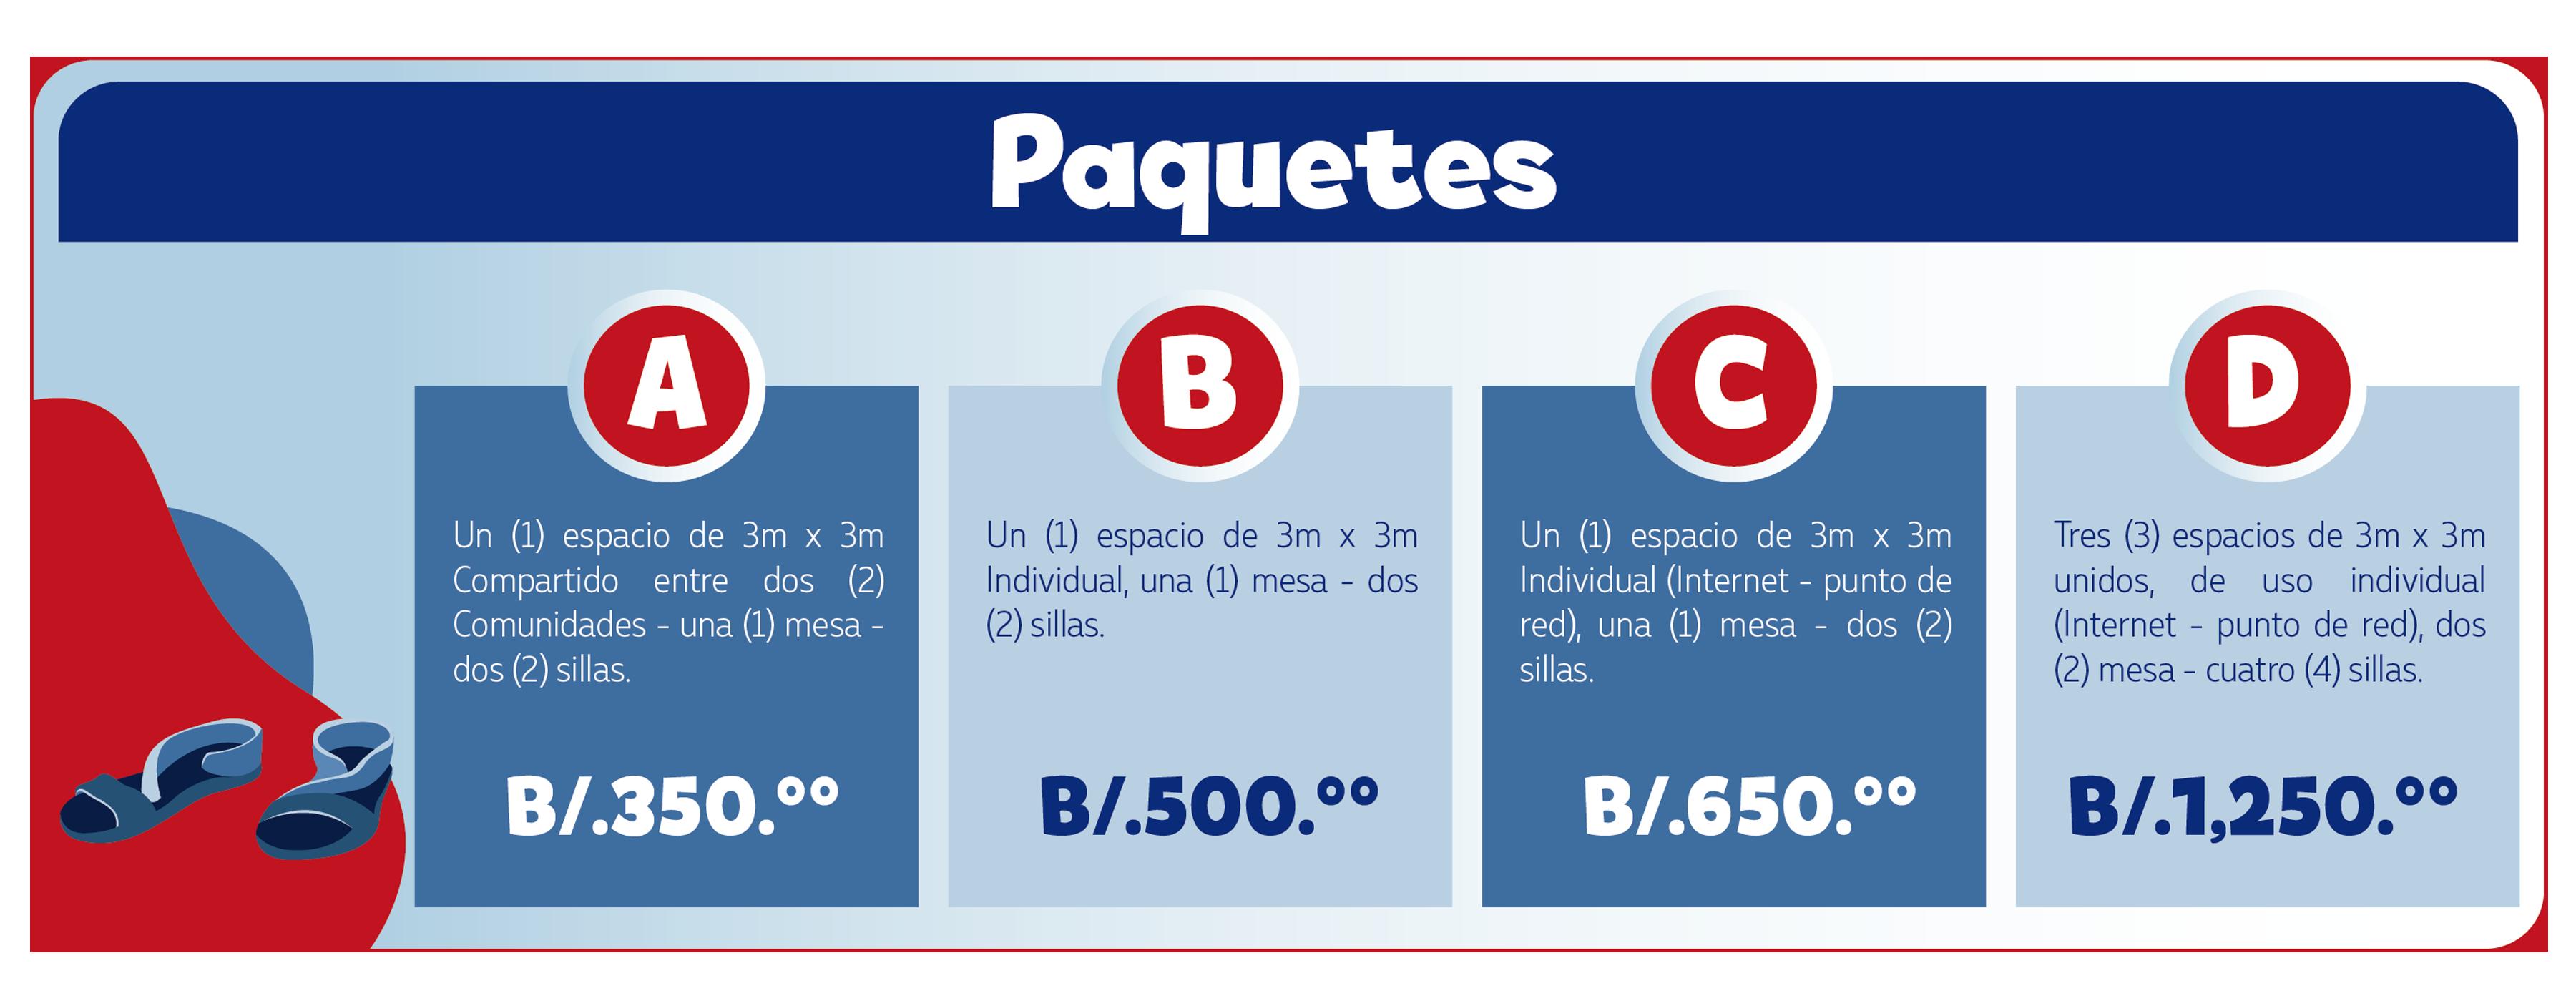 paquetes_feria2